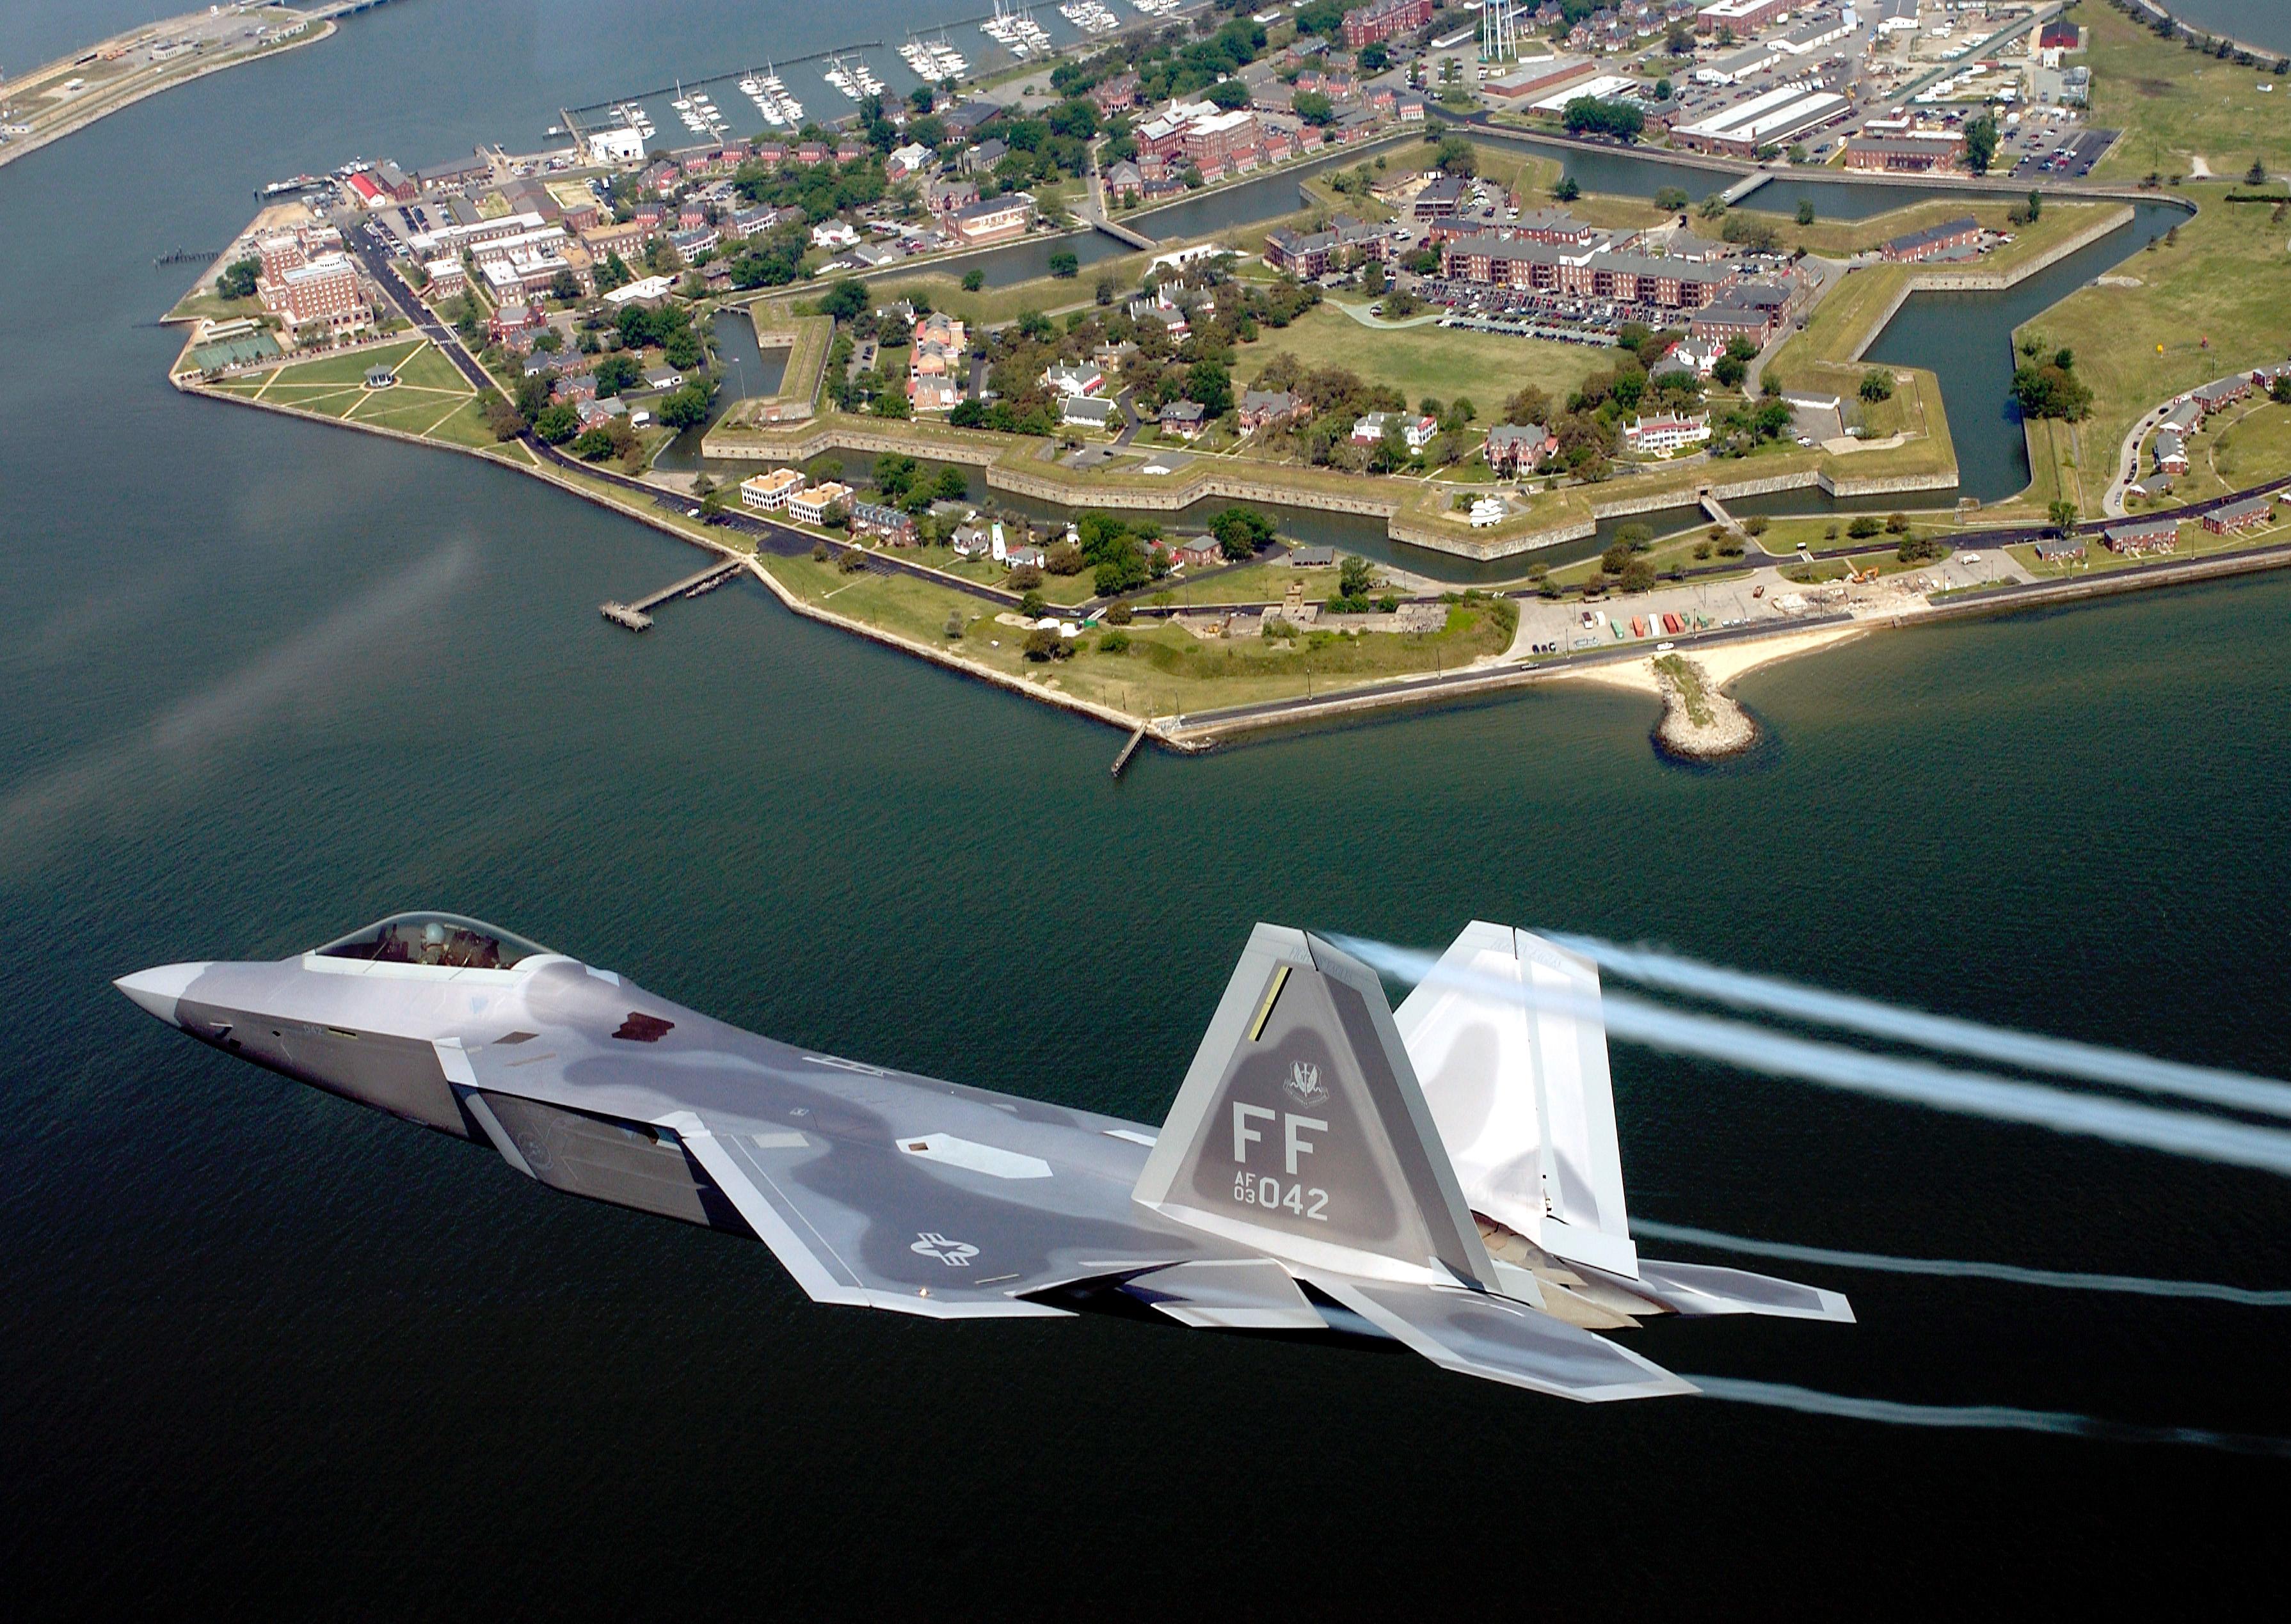 22 Raptor US Air Force Fact Sheet Display 3580x2538